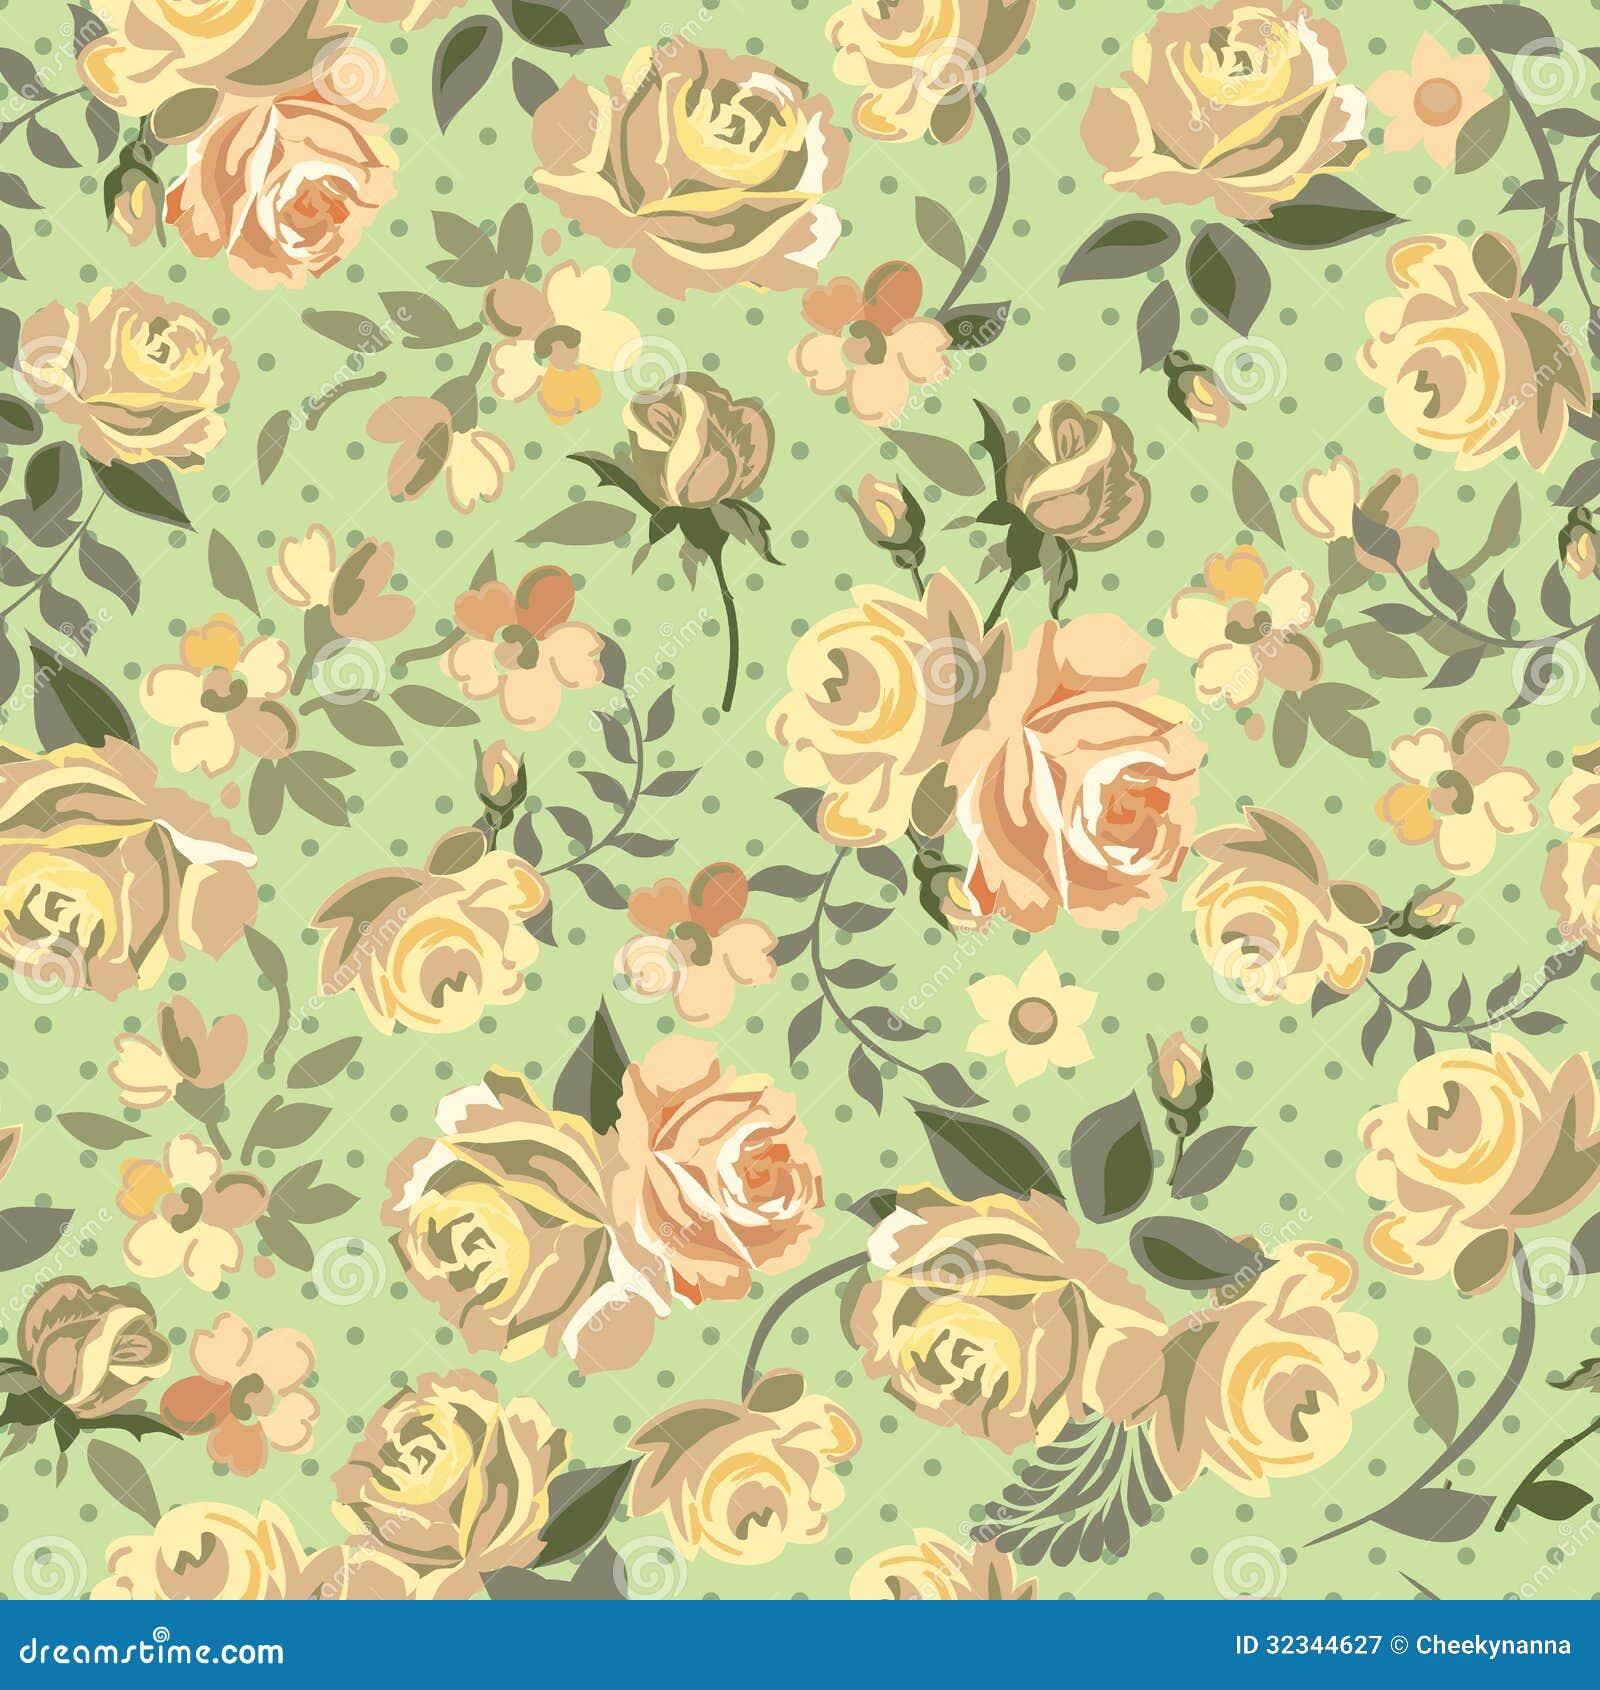 Фоны роз для скрапбукинга 22 фотография